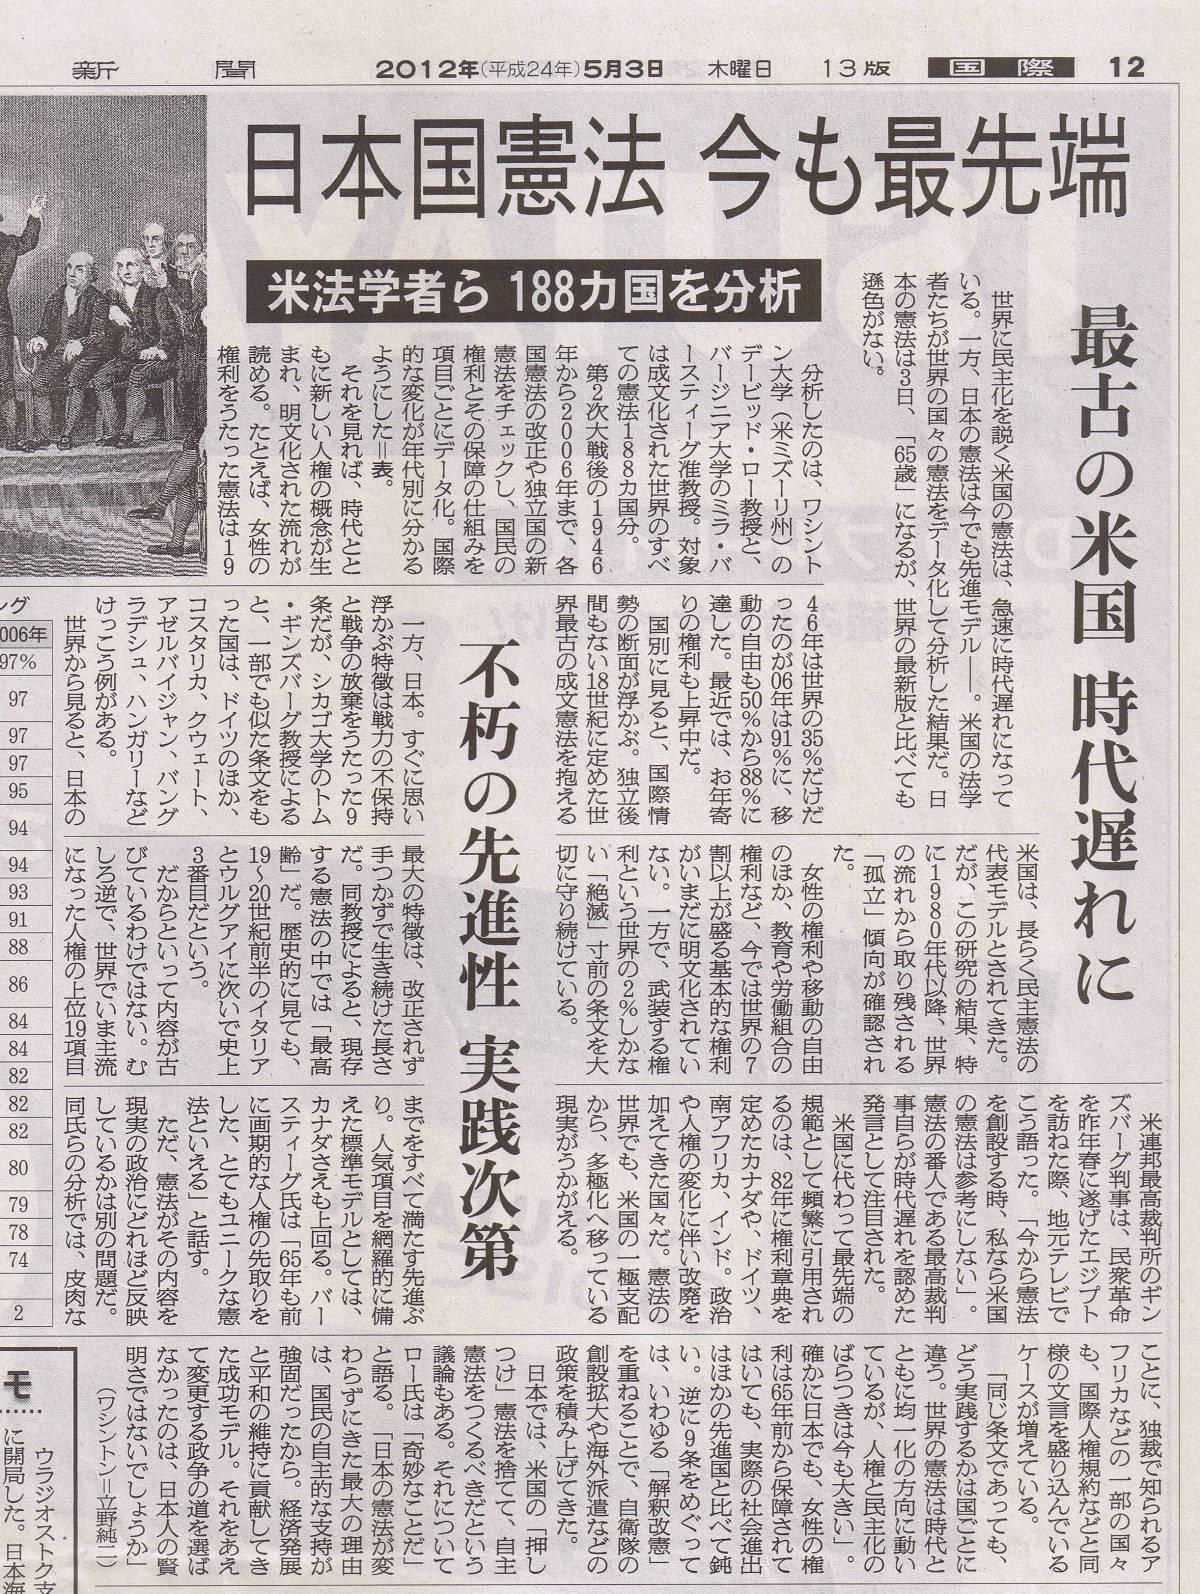 【アメリカ法学者の分析】今も最先端の日本国憲法:その憲法を変えようとする自民党って・・・(・_ ・)ジーッ